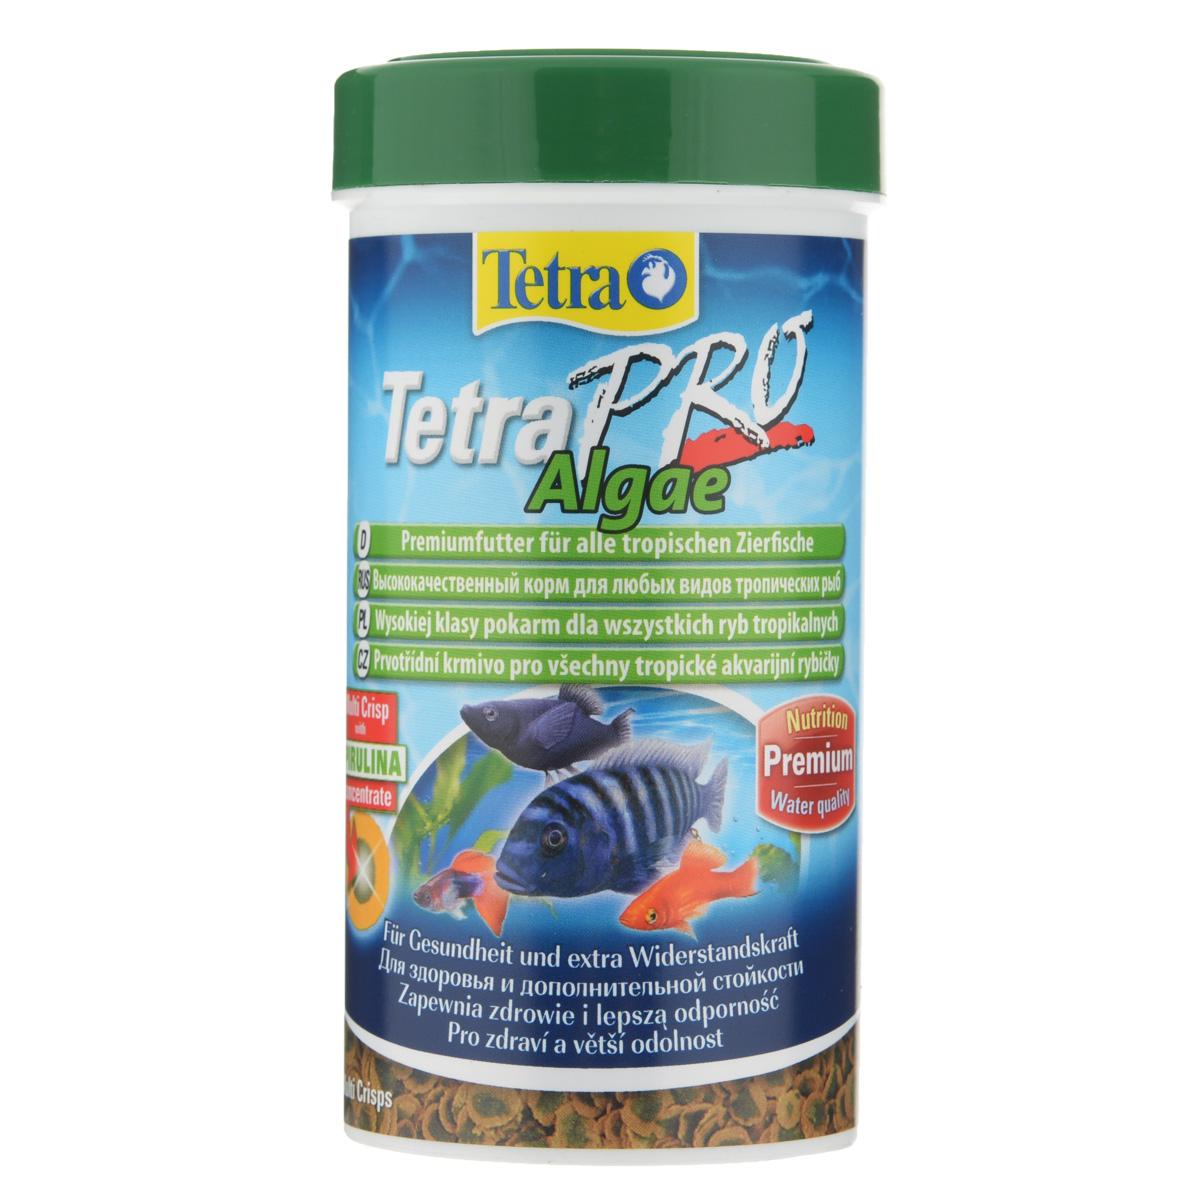 Корм сухой Tetra TetraPro. Algae для всех видов тропических рыб, чипсы, 250 мл (45 г)12171996Полноценный высококачественный корм Tetra TetraPro. Algae для всех видов тропических рыб разработан для поддержания здоровья и придания дополнительной стойкости. Особенности Tetra TetraPro. Algae: - щадящая низкотемпературная технология изготовления для высокой питательной ценности и стабильности витаминов;- концентрат спирулина для повышения сопротивляемости организма;- инновационная форма чипсов для минимального загрязнения воды;- идеально подходит для растительноядных рыб;- легкое кормление.Рекомендации по кормлению: кормить несколько раз в день маленькими порциями.Состав: рыба и побочные рыбные продукты, зерновые культуры, экстракты растительного белка, дрожжи, моллюски и раки, масла и жиры, водоросли (спирулина 1%).Аналитические компоненты: сырой белок - 46%, сырые масла и жиры - 12%, сырая клетчатка - 3%, влага - 9%.Добавки: витамины, провитамины и химические вещества с аналогичным воздействием, витамин А 29810 МЕ/кг, витамин Д3 1860 МЕ/кг, Л-карнитин 123 мг/кг. Комбинации элементов: Е5 Марганец 67 мг/кг, Е6 Цинк 40 мг/кг, Е1 Железо 26 мг/кг. Красители, консерванты, антиоксиданты.Товар сертифицирован.